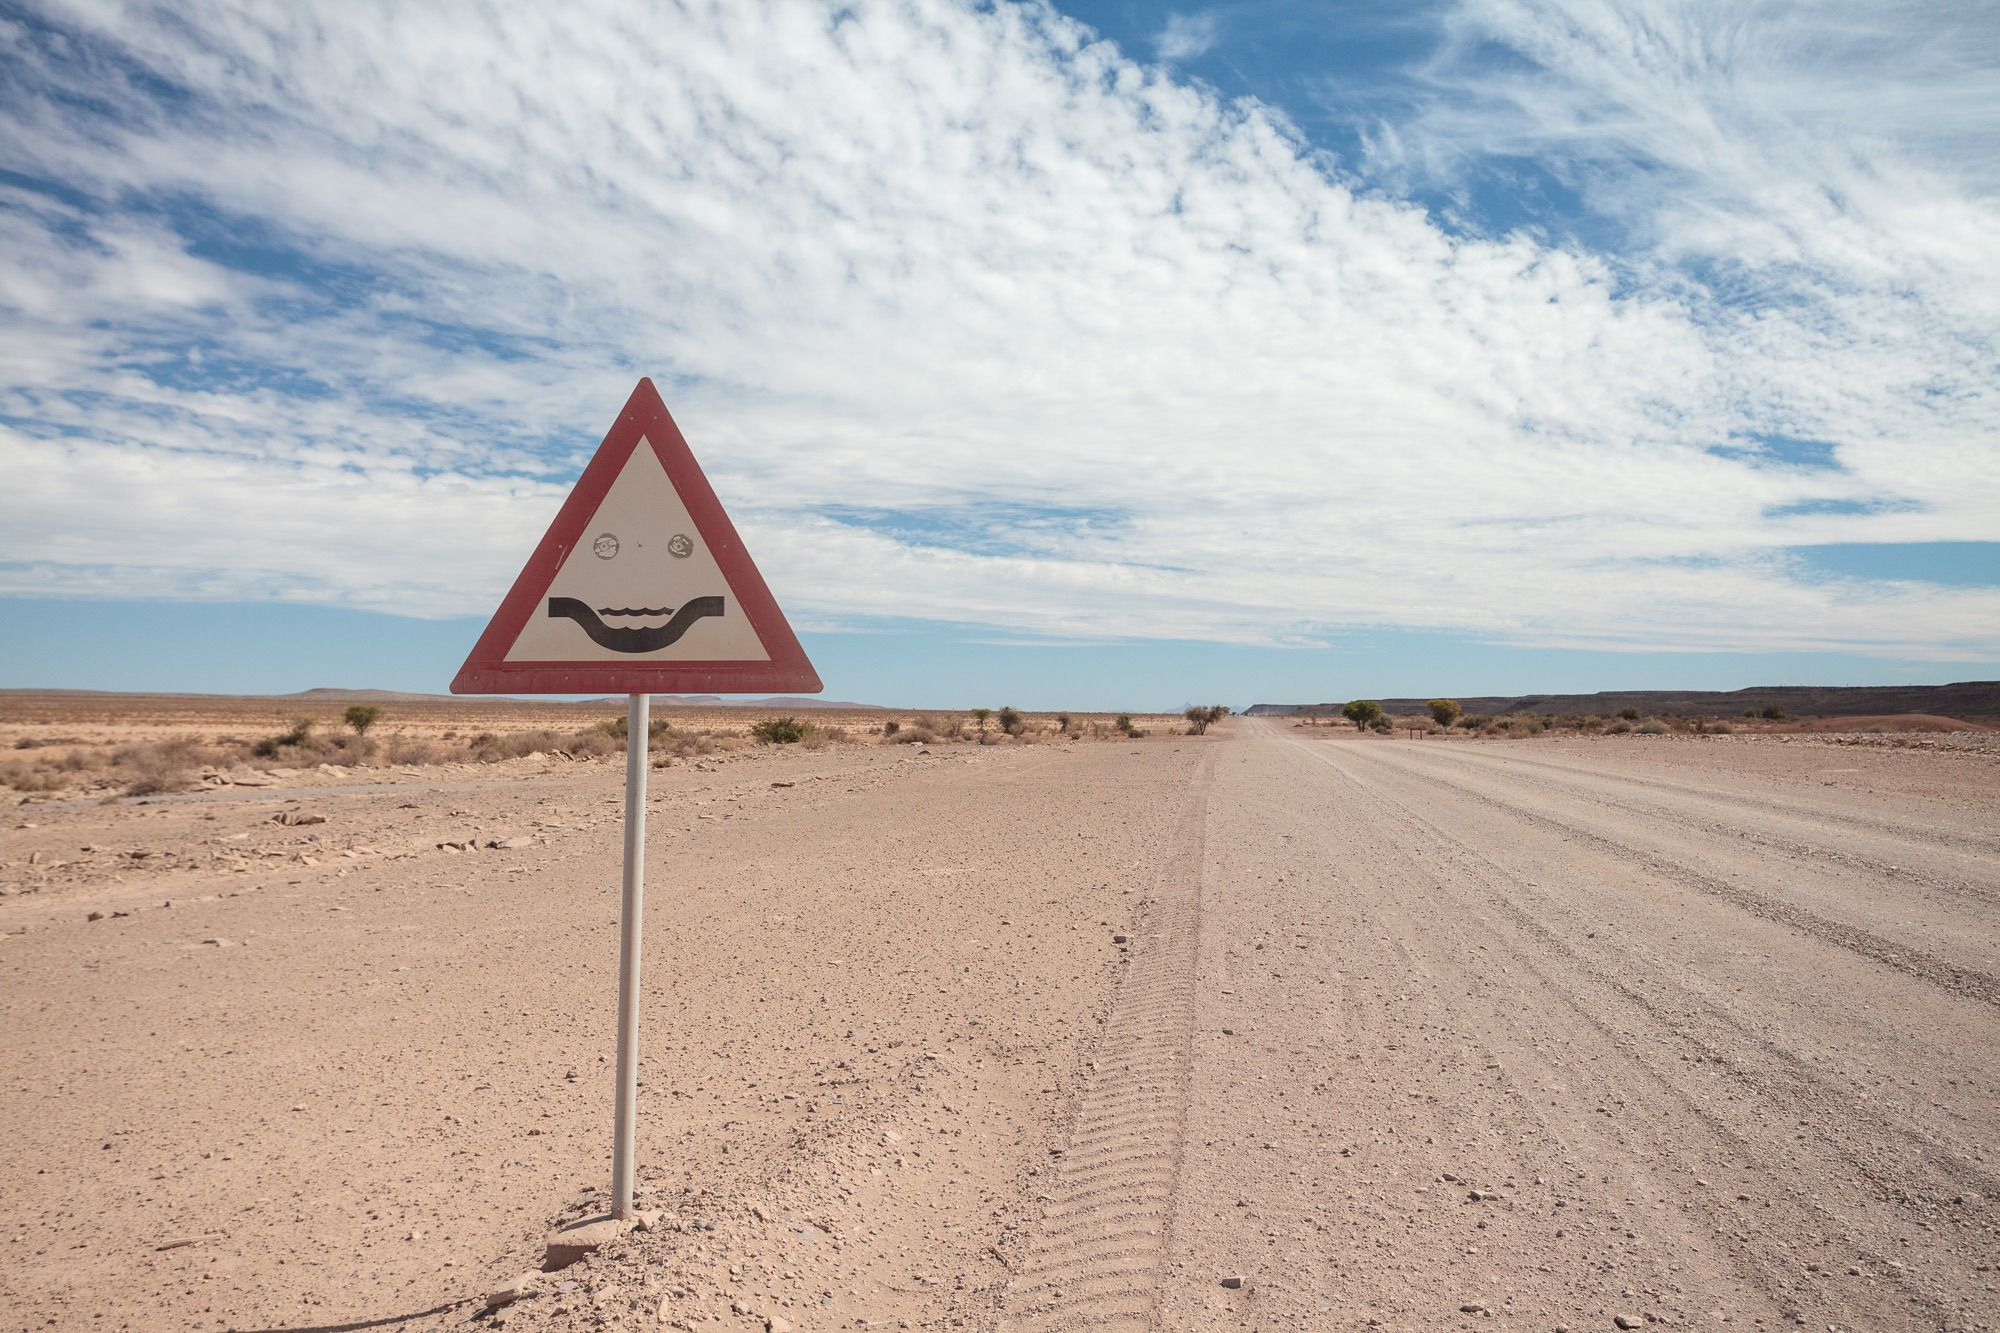 Strassenschild Trockenfluss in Namibia als Smiley